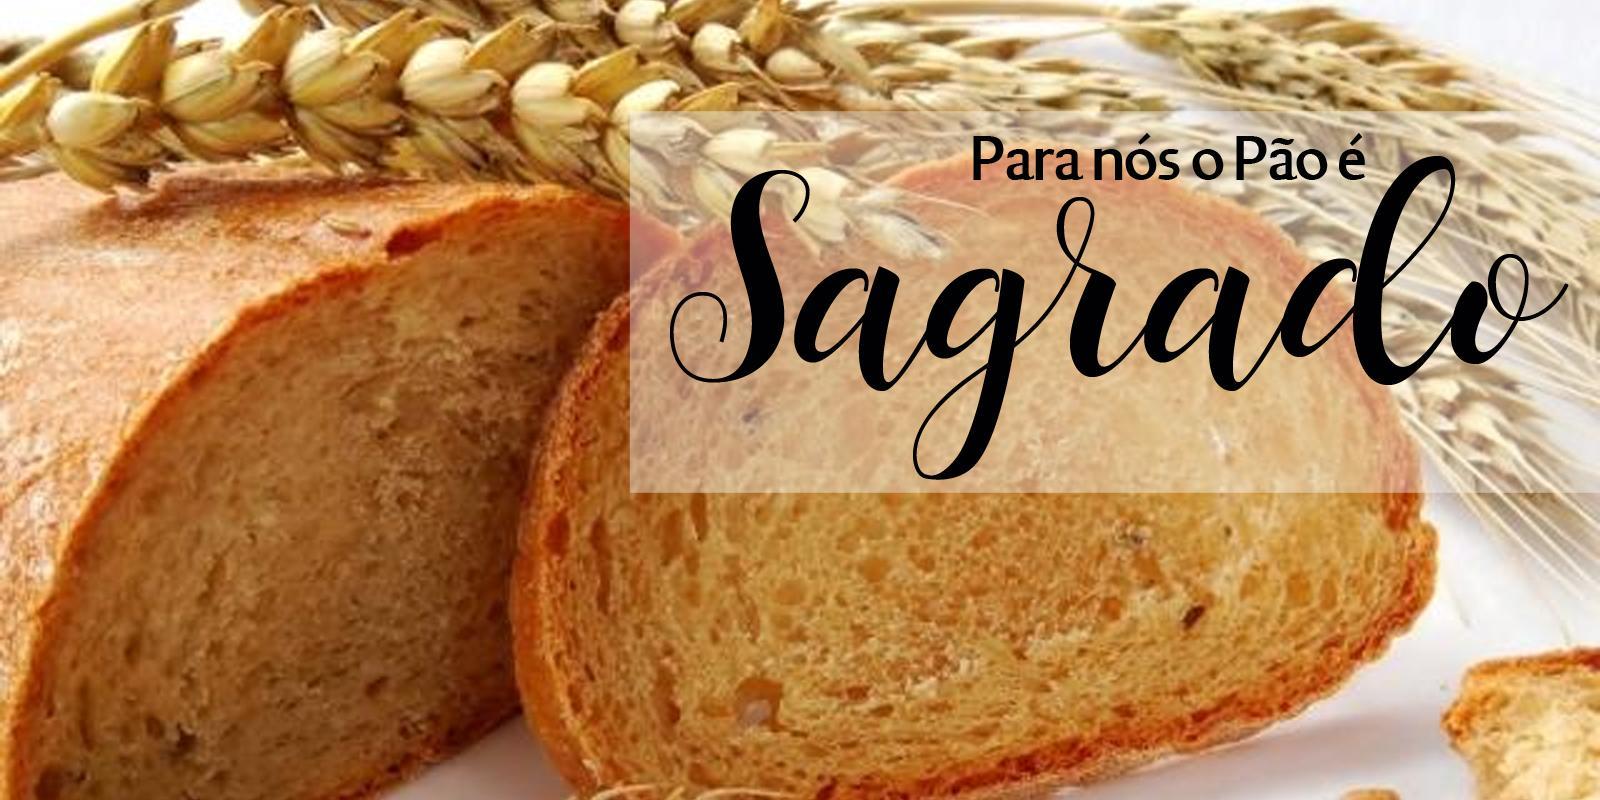 Para Nós o Pão é SAGRADO!